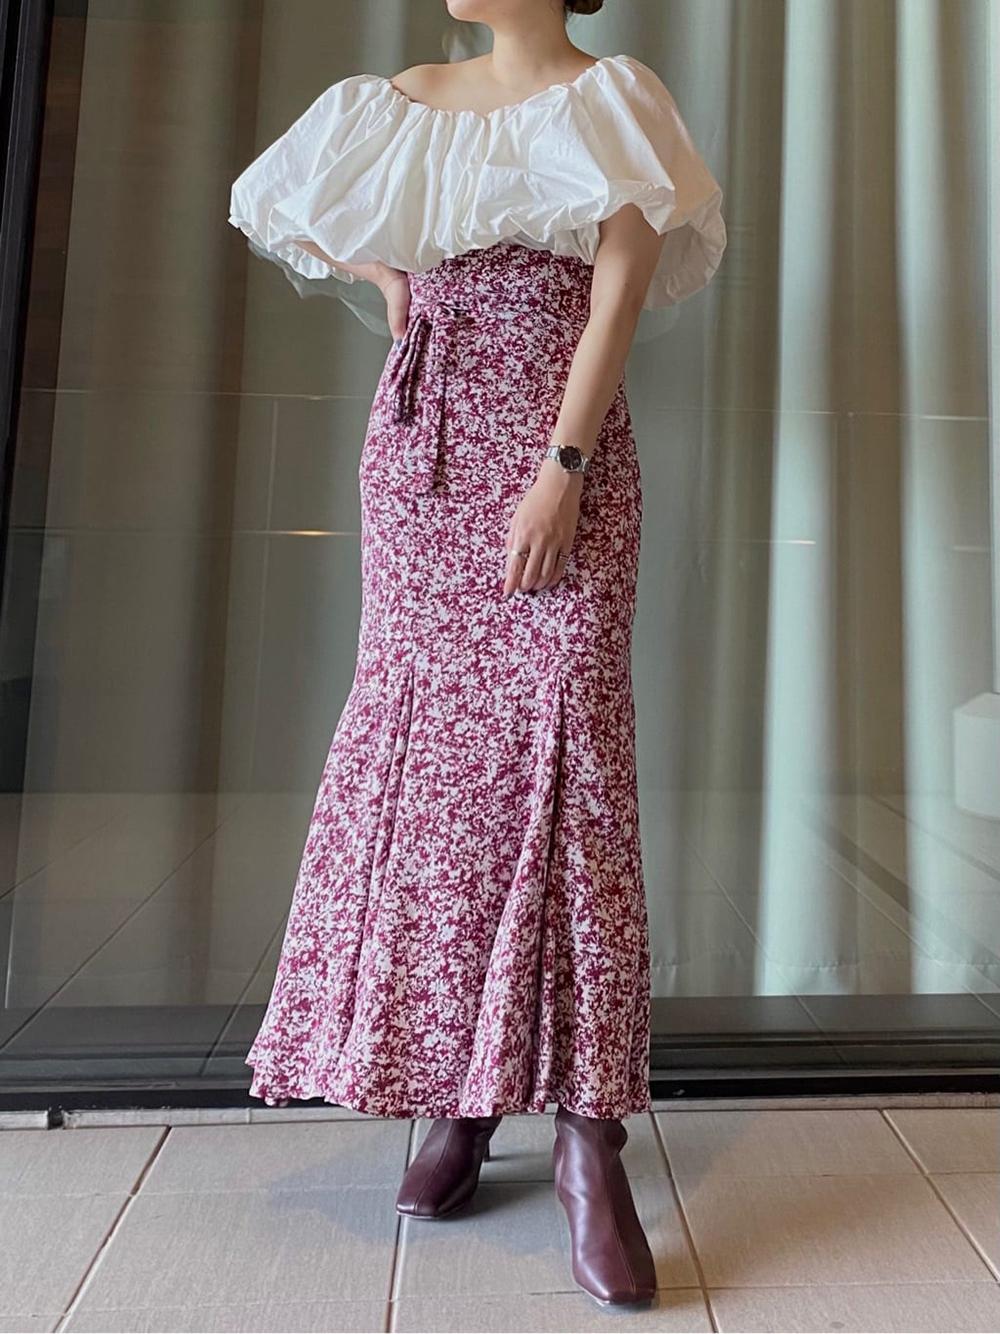 ハイウエストマーメイドプリントスカート(WINE-0)